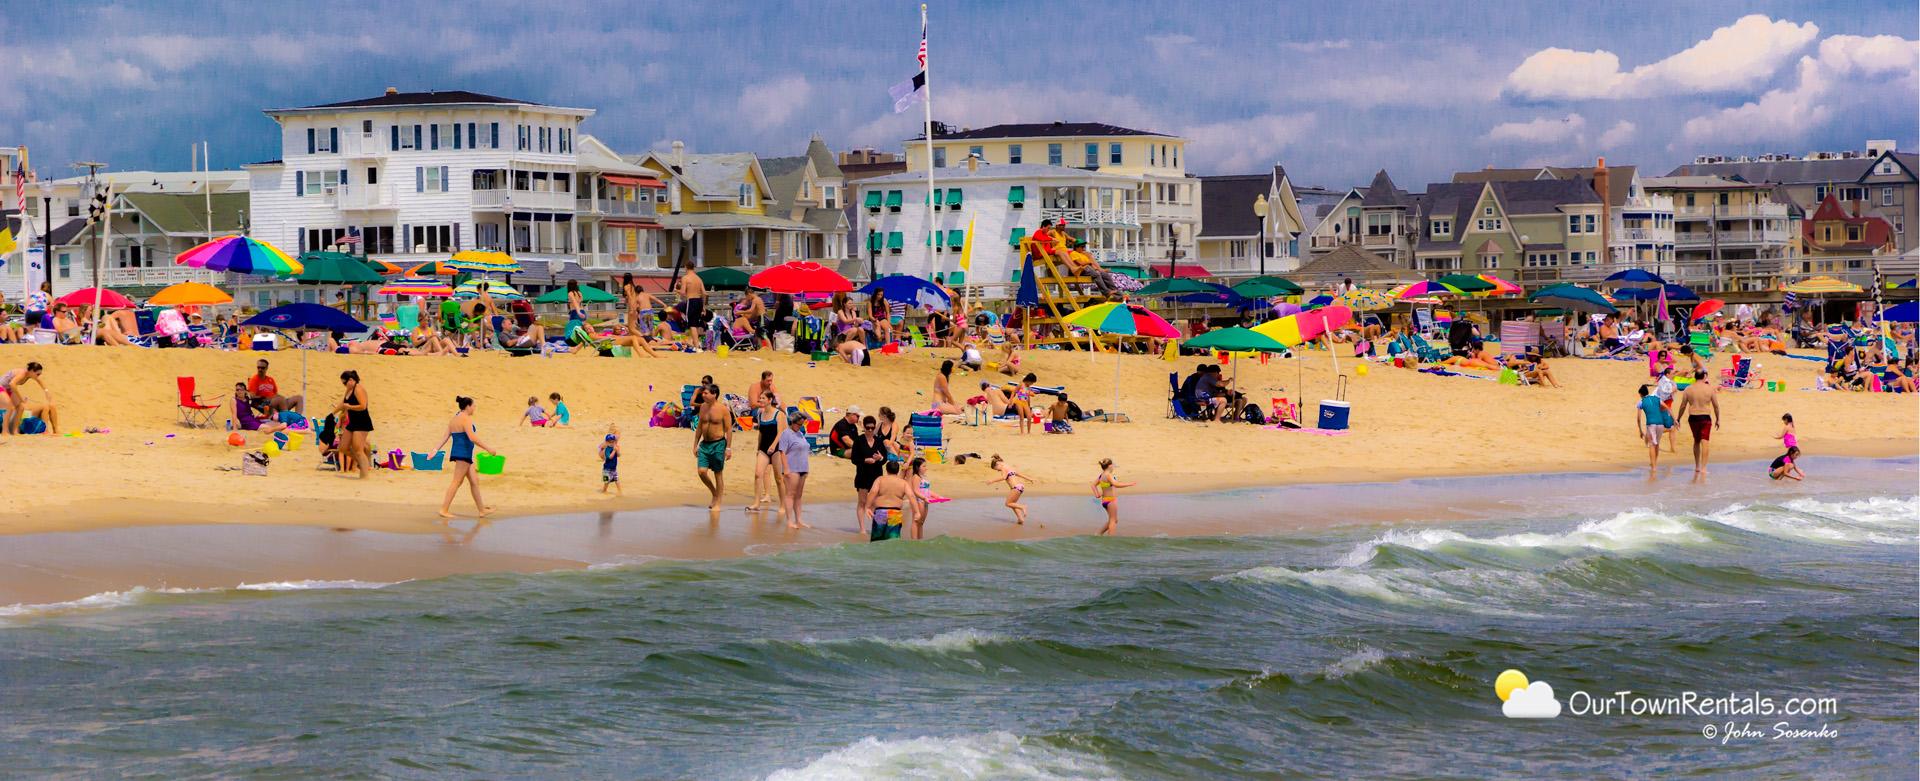 Vacation  Rentals  Ocean Grove - No Service Fees!